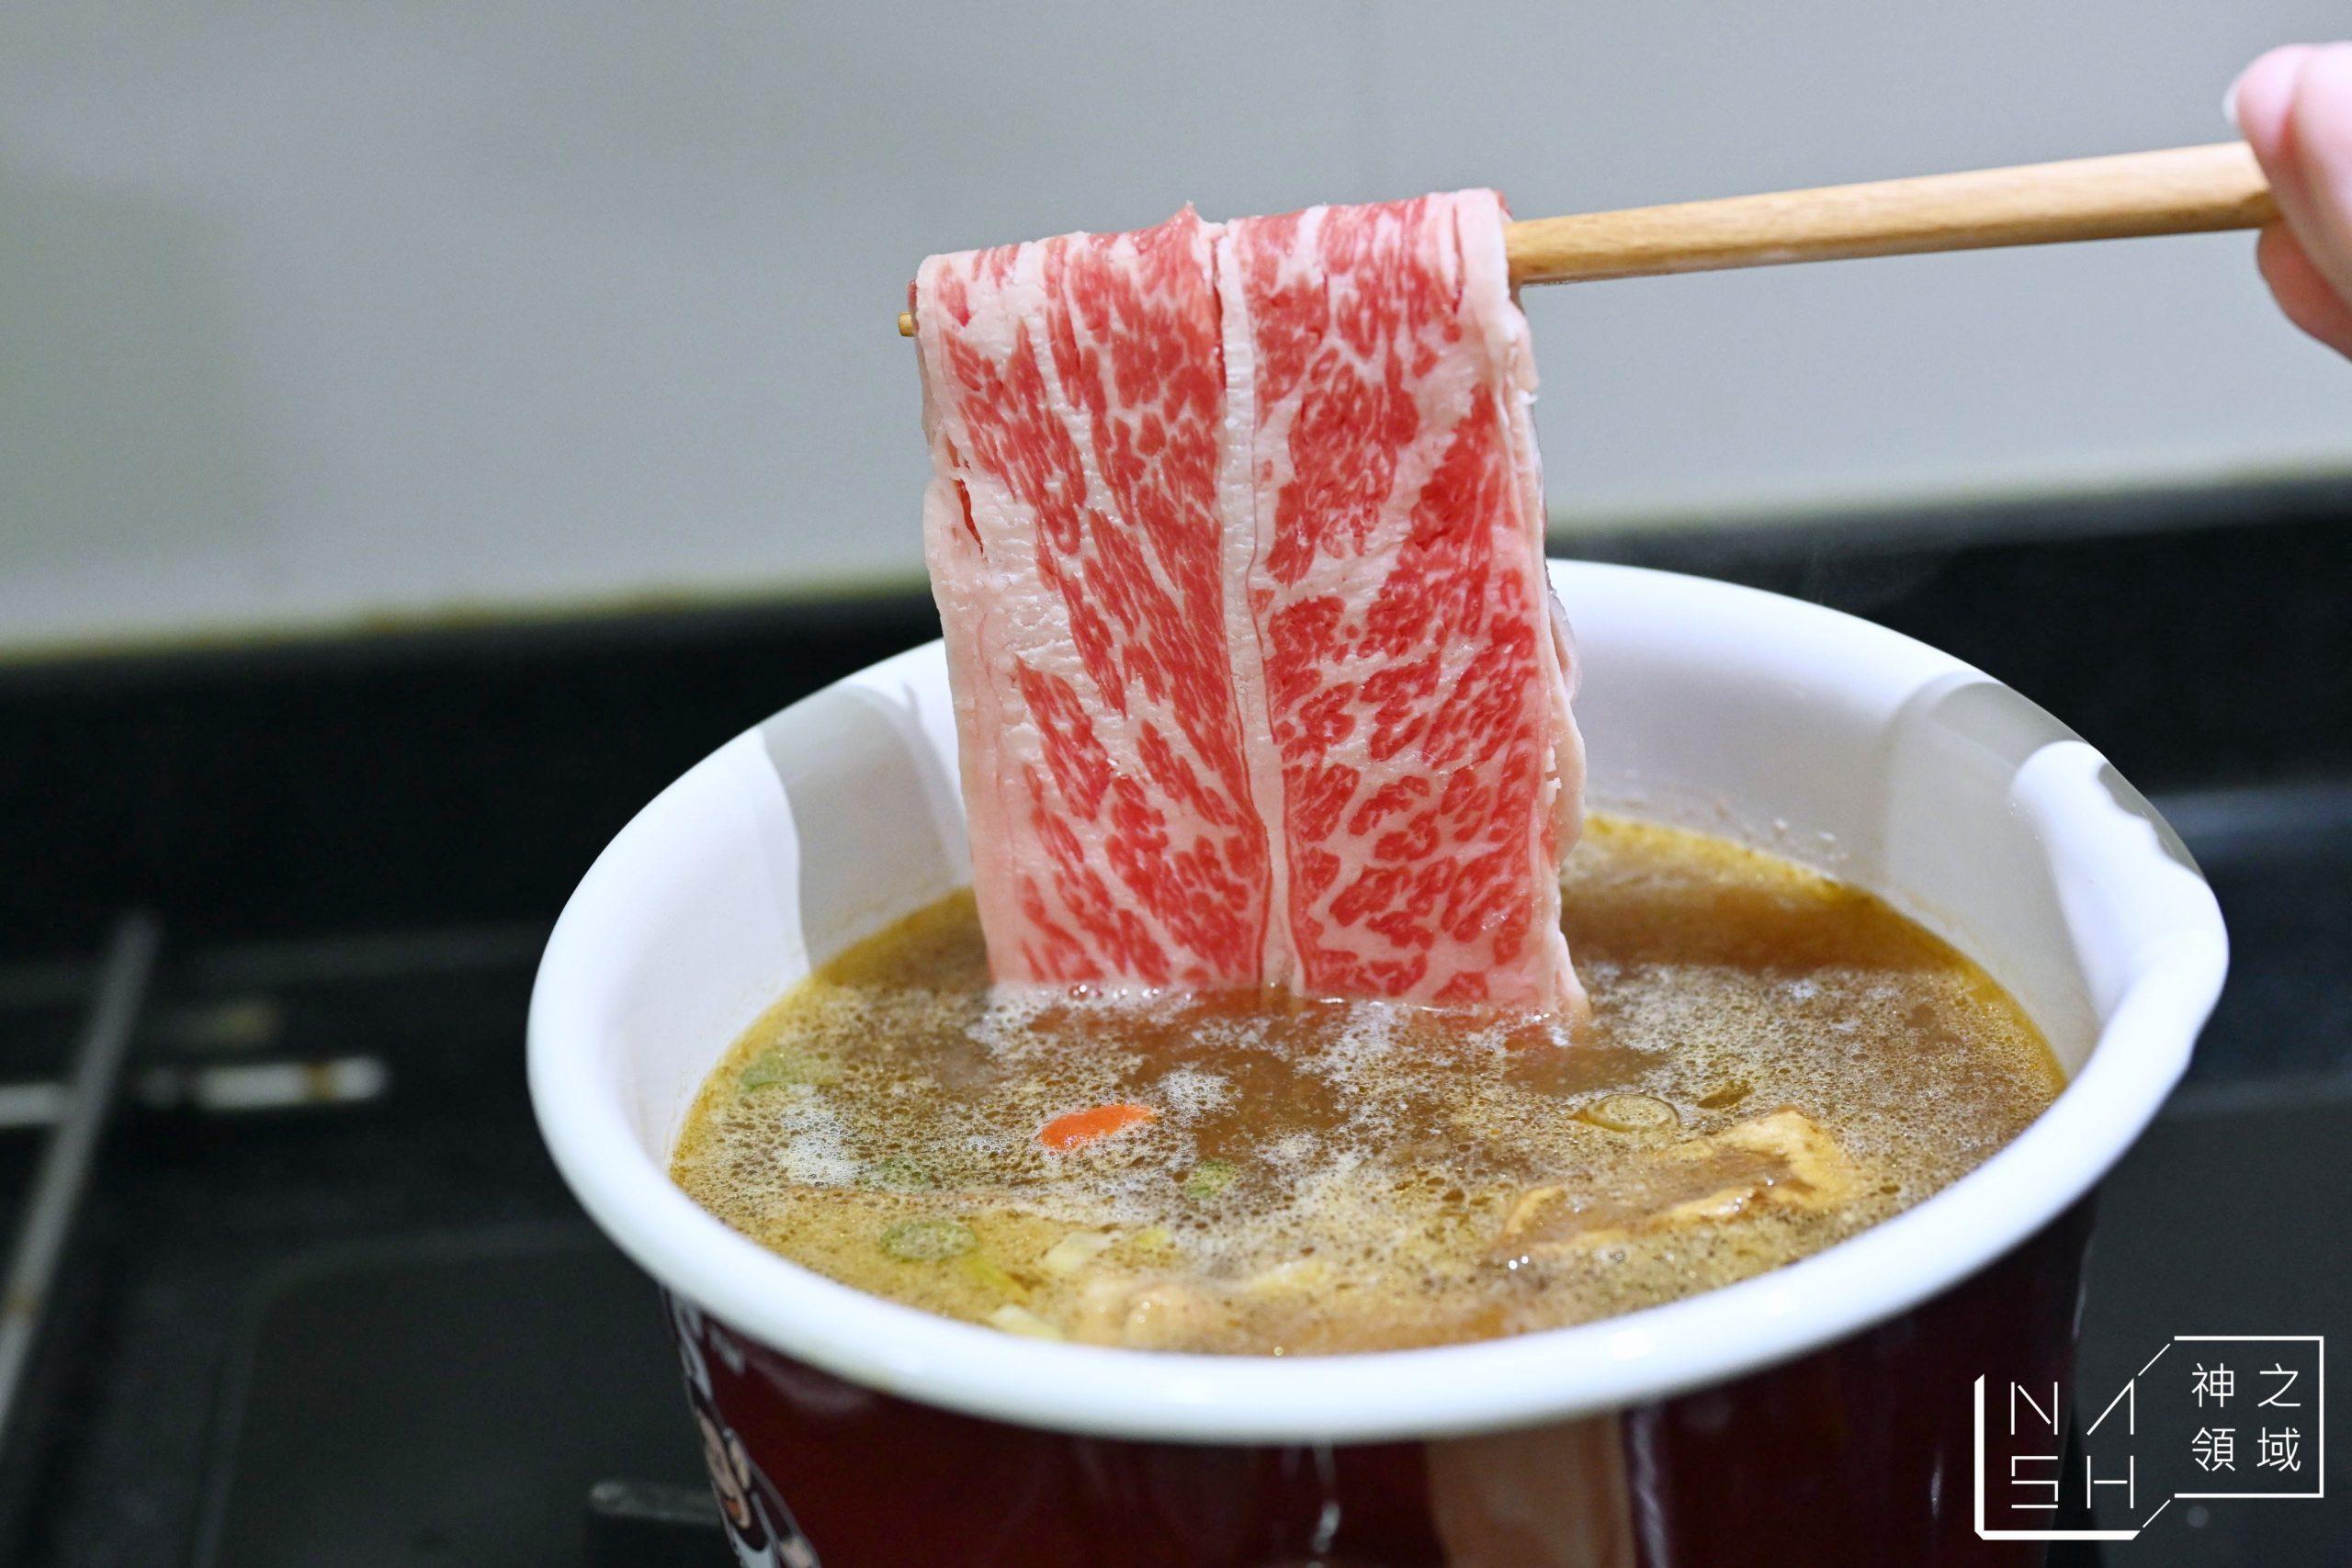 肉老大頂級肉品涮涮鍋